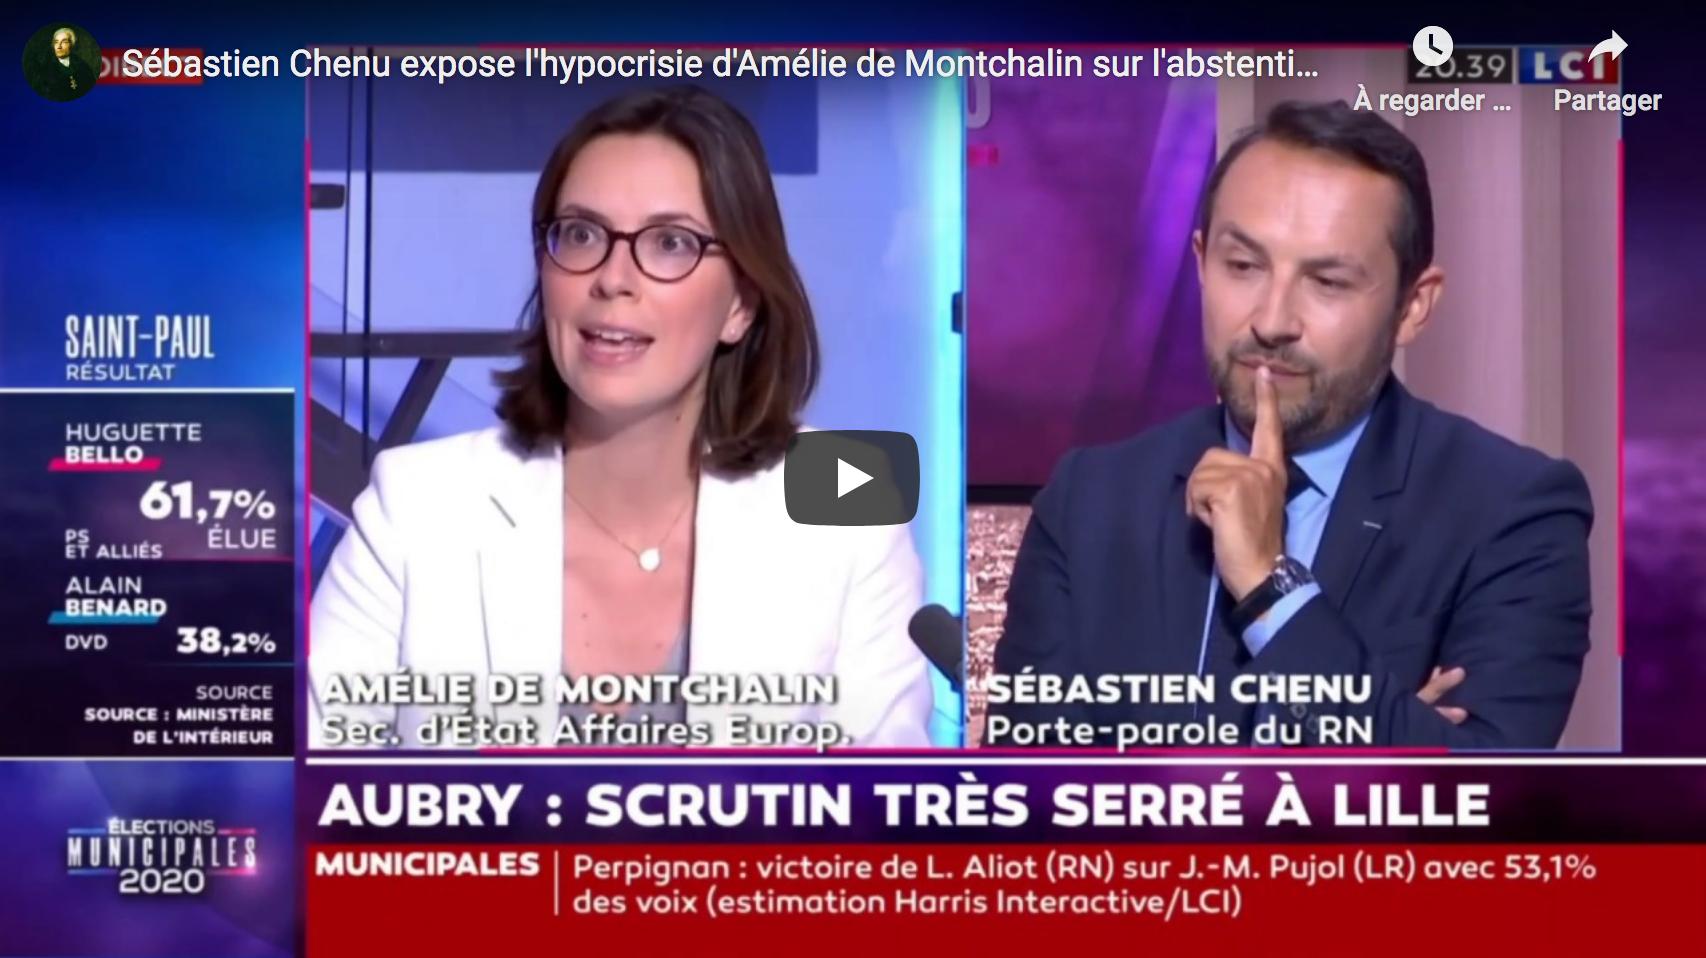 Sébastien Chenu expose l'hypocrisie d'Amélie de Montchalin sur l'abstention (VIDÉO)